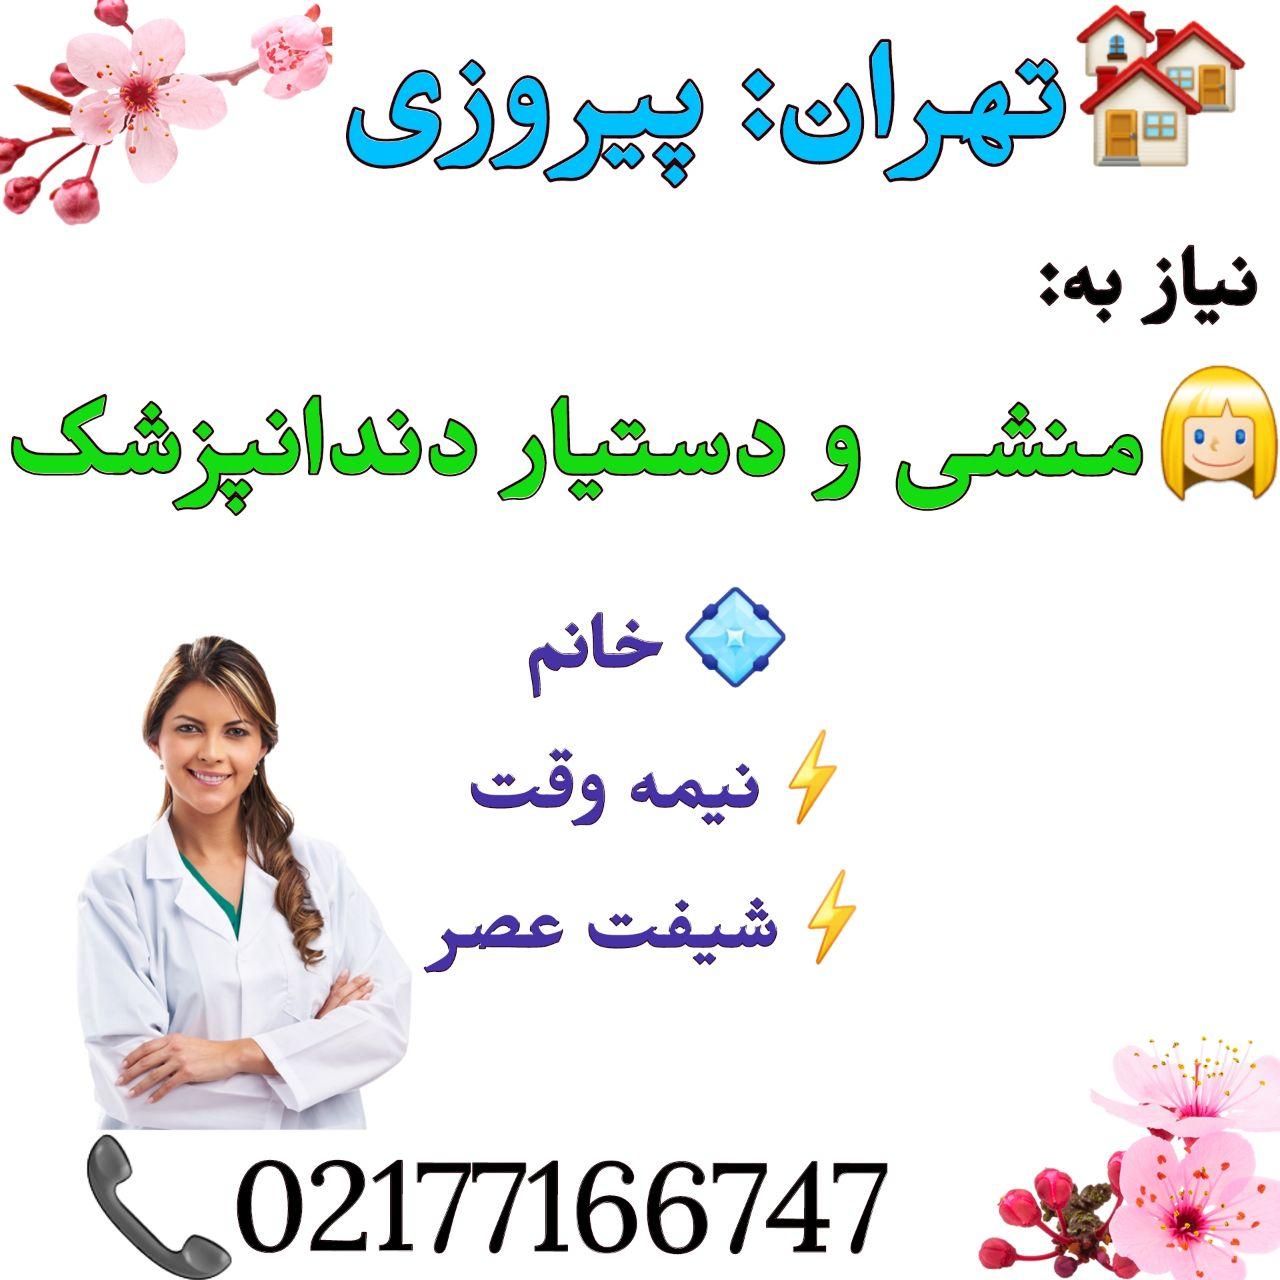 تهران: پیروزی، نیاز به منشی و دستیار دندانپزشک